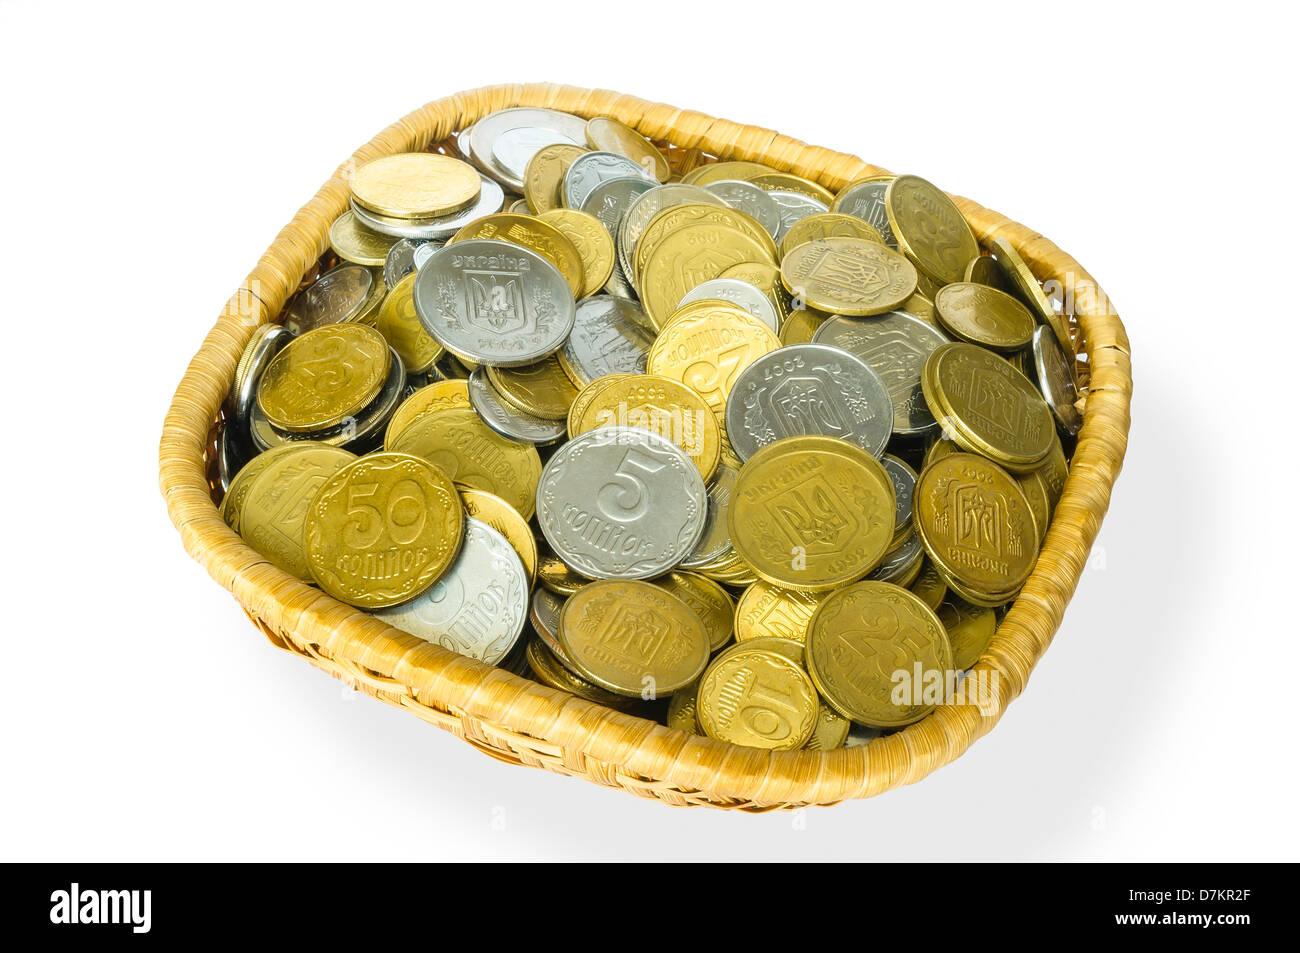 Many ukrainian kopek in a little basket - Stock Image